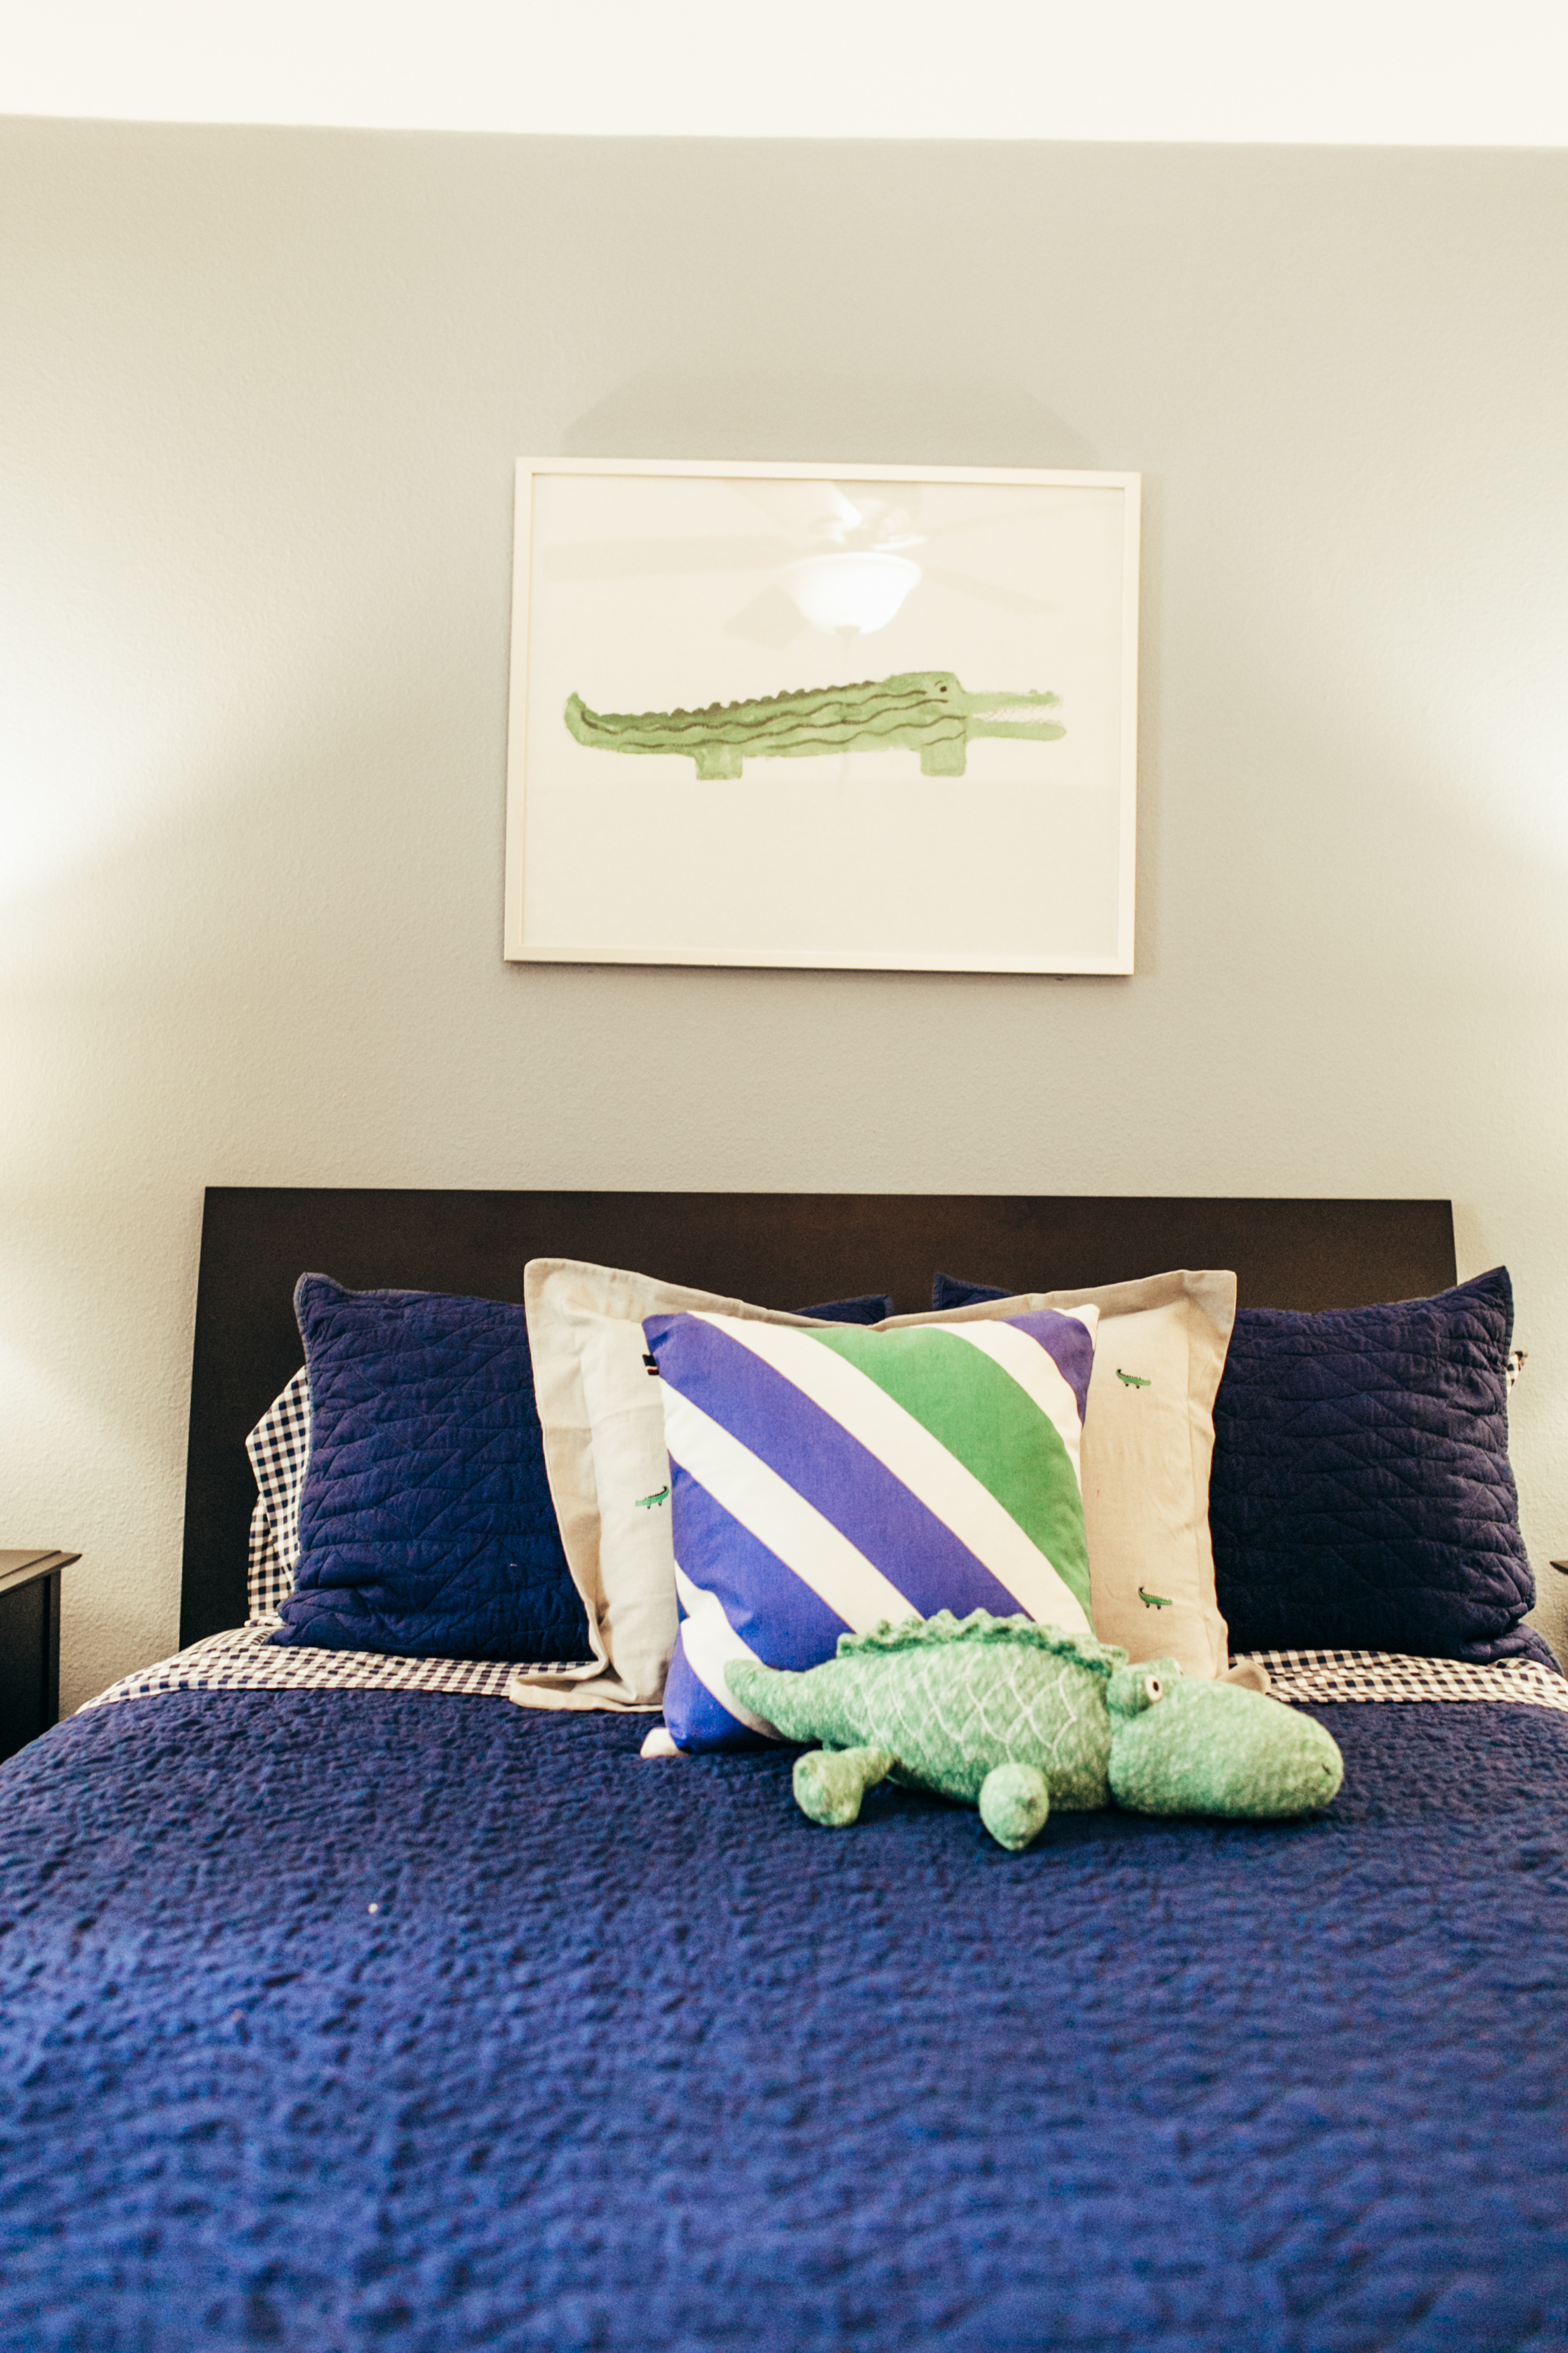 Southlake Kids Room Design  9.jpg